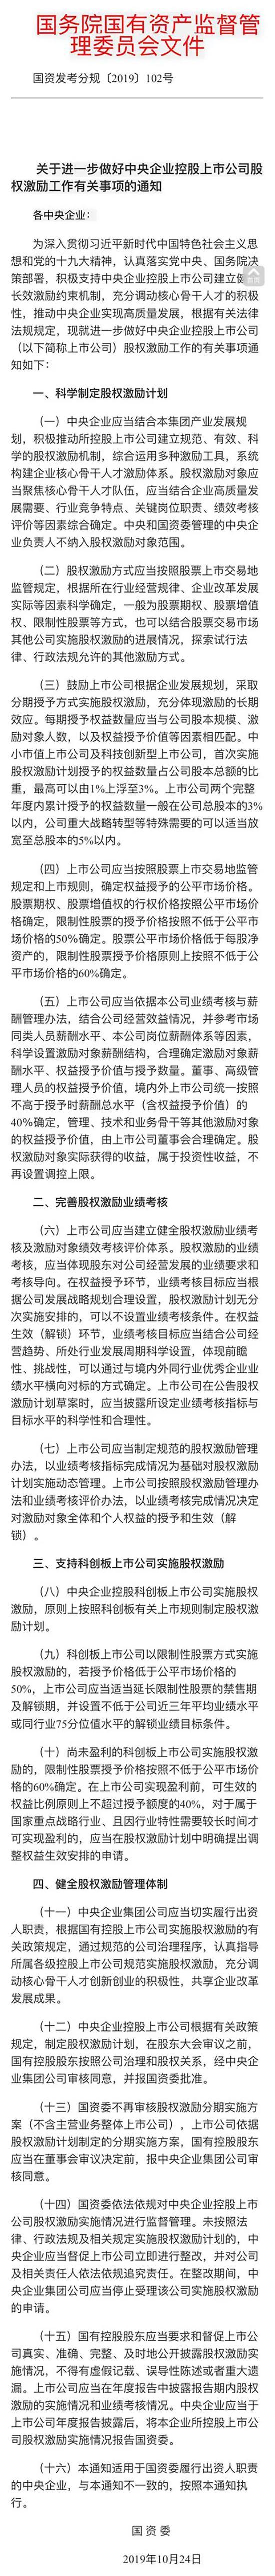 """澳门金沙网上大全-上海市红十字会2020年""""千万人帮万家""""迎春帮困活动启动"""